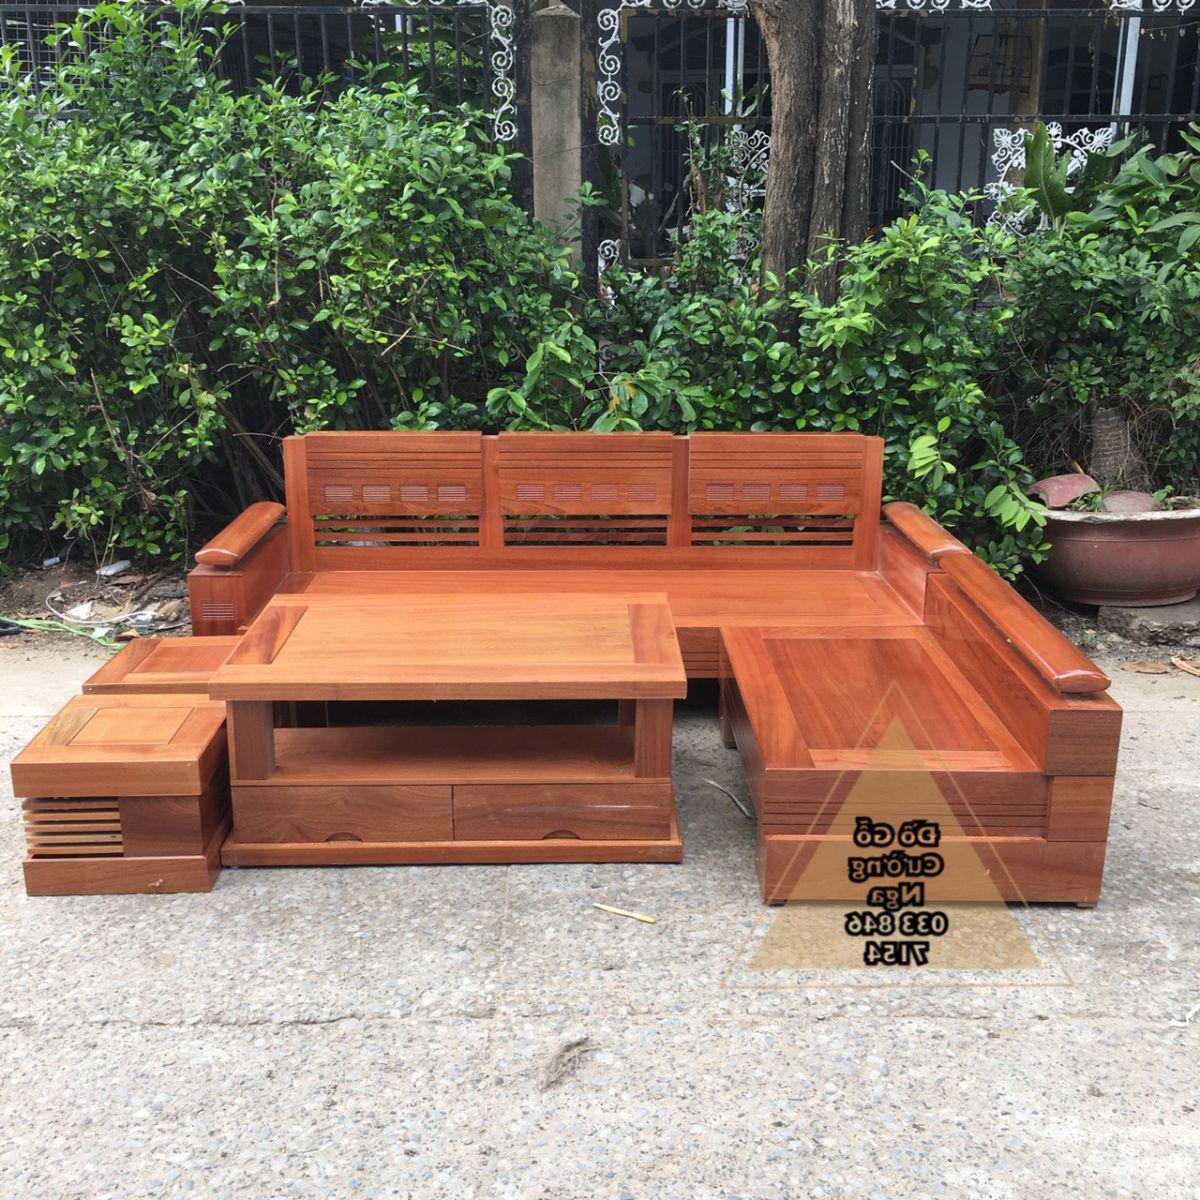 Bộ bàn ghế sofa gỗ Xoan Đào 2m1x1m65 tray trứng (Ảnh 1)